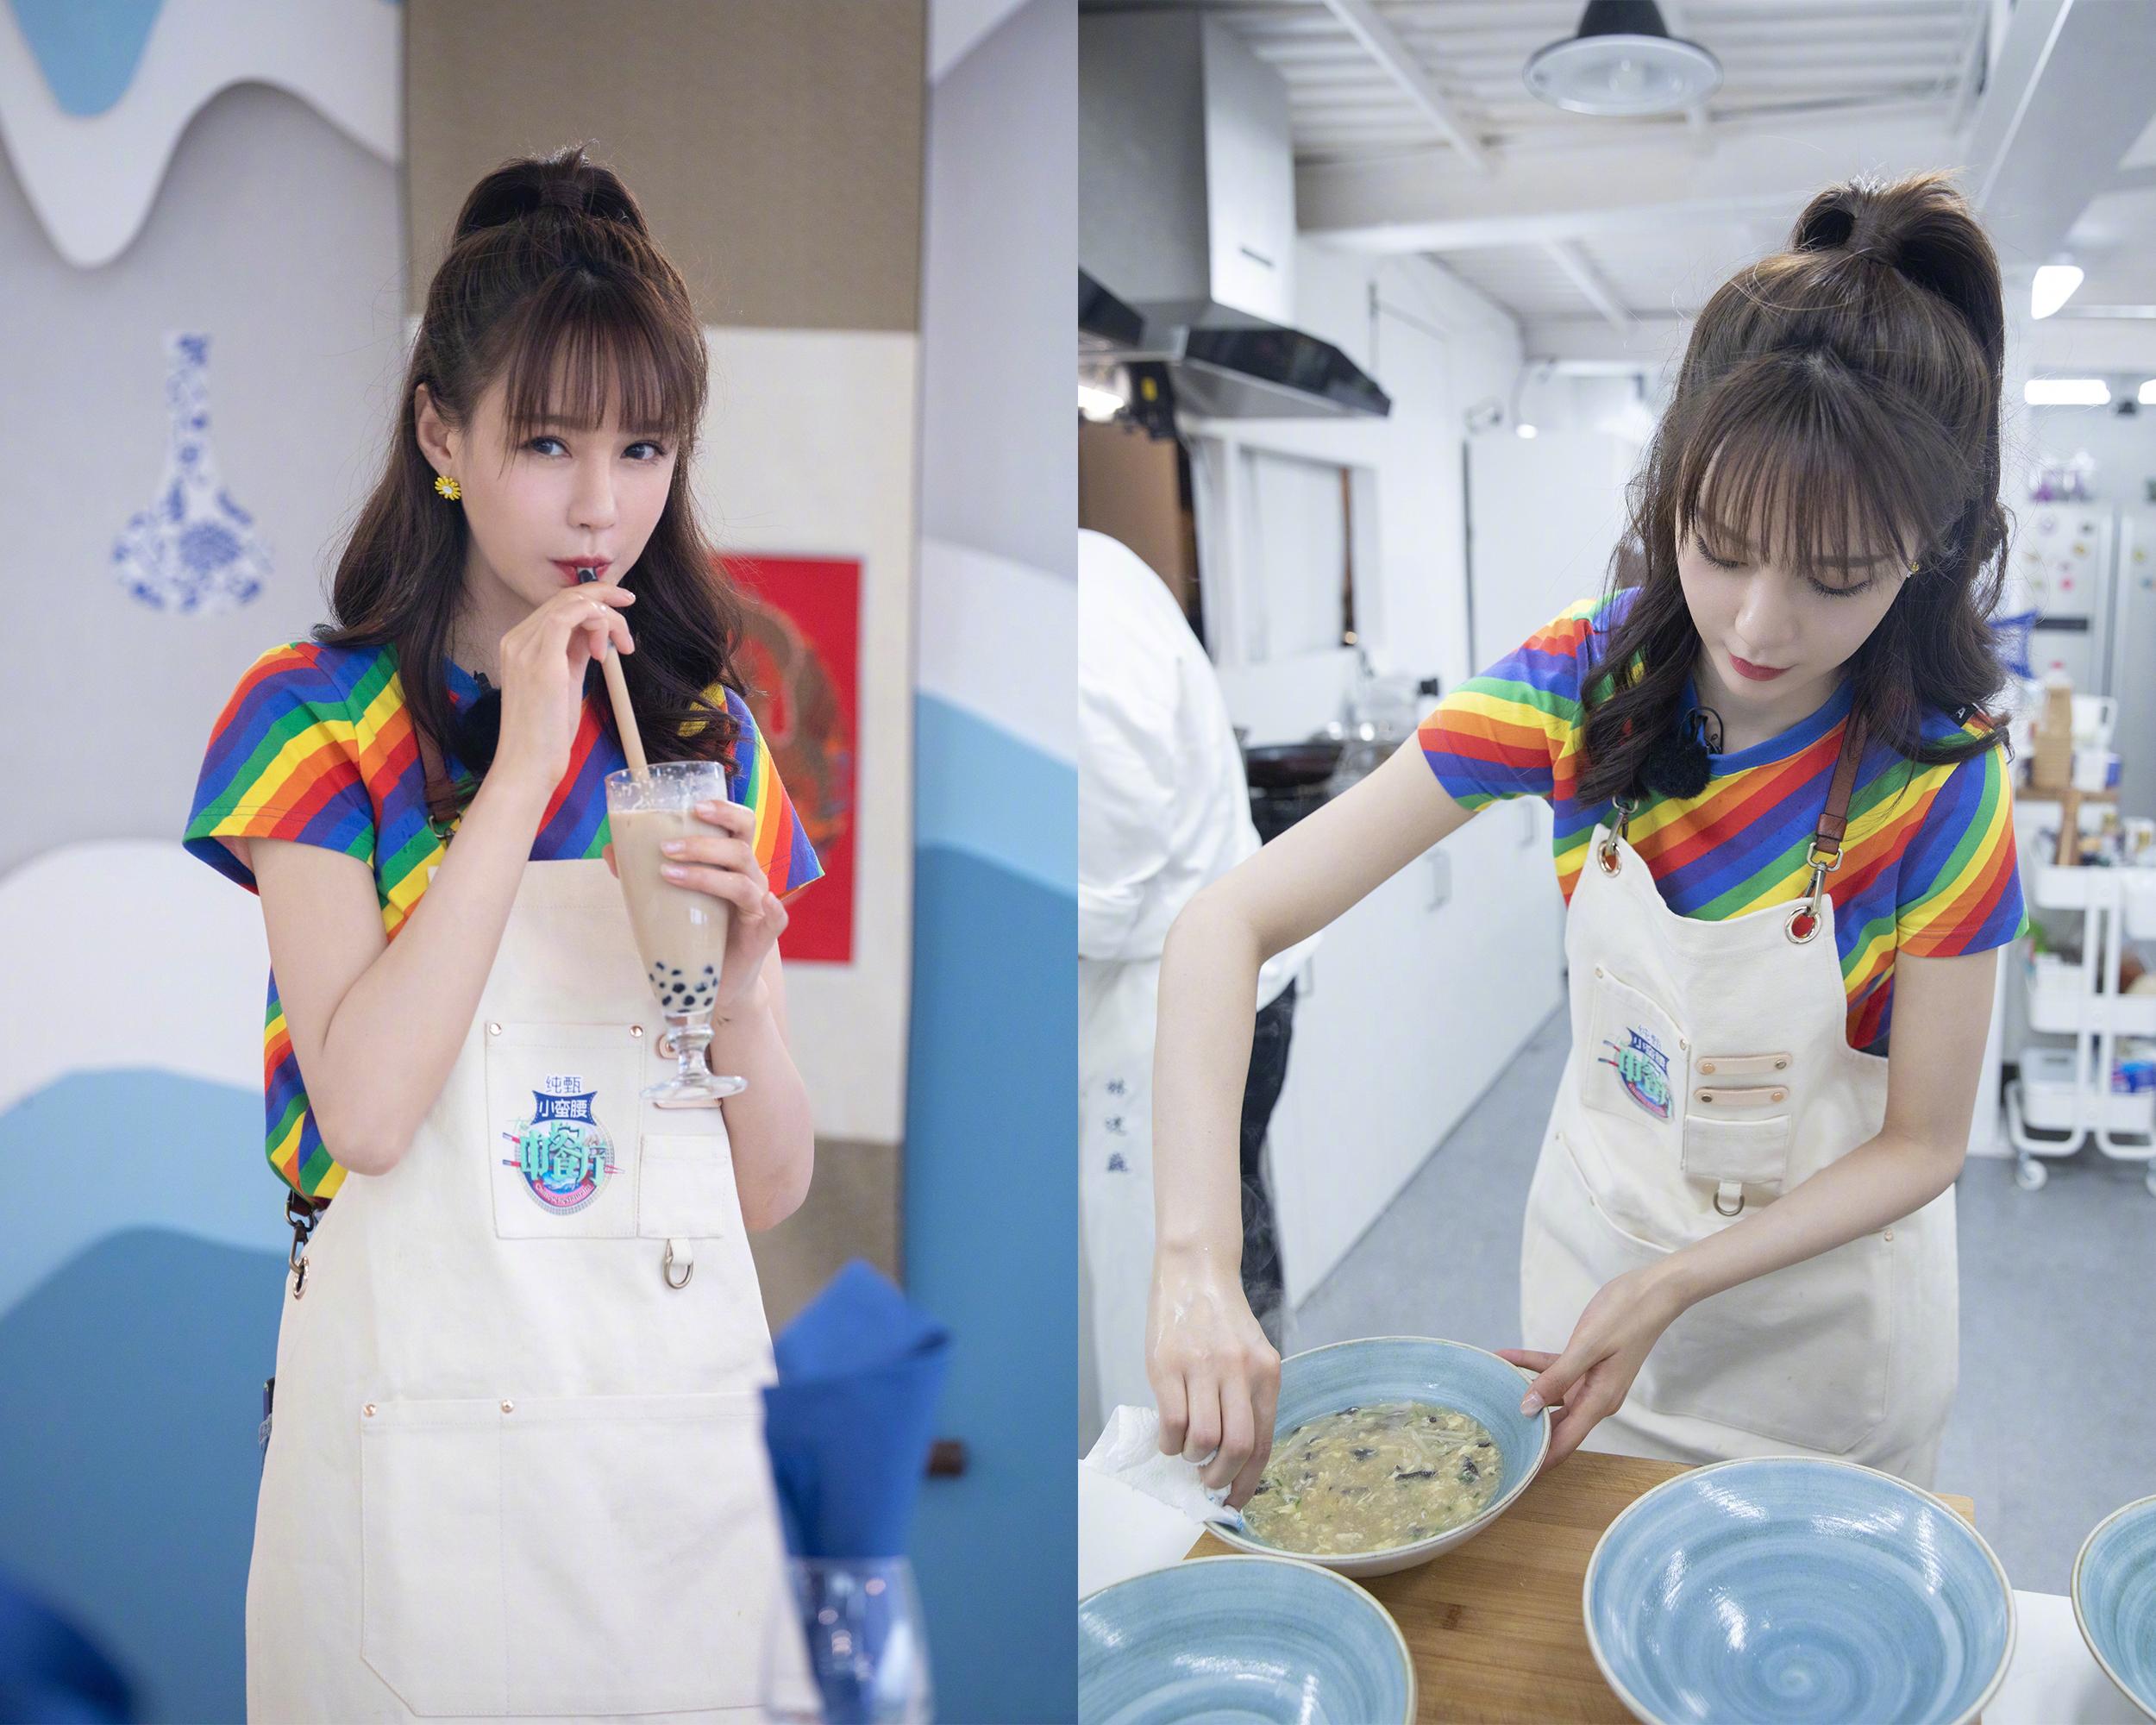 30岁沈梦辰美回初恋,2套t恤造型上《中餐厅》,海涛真没白宠